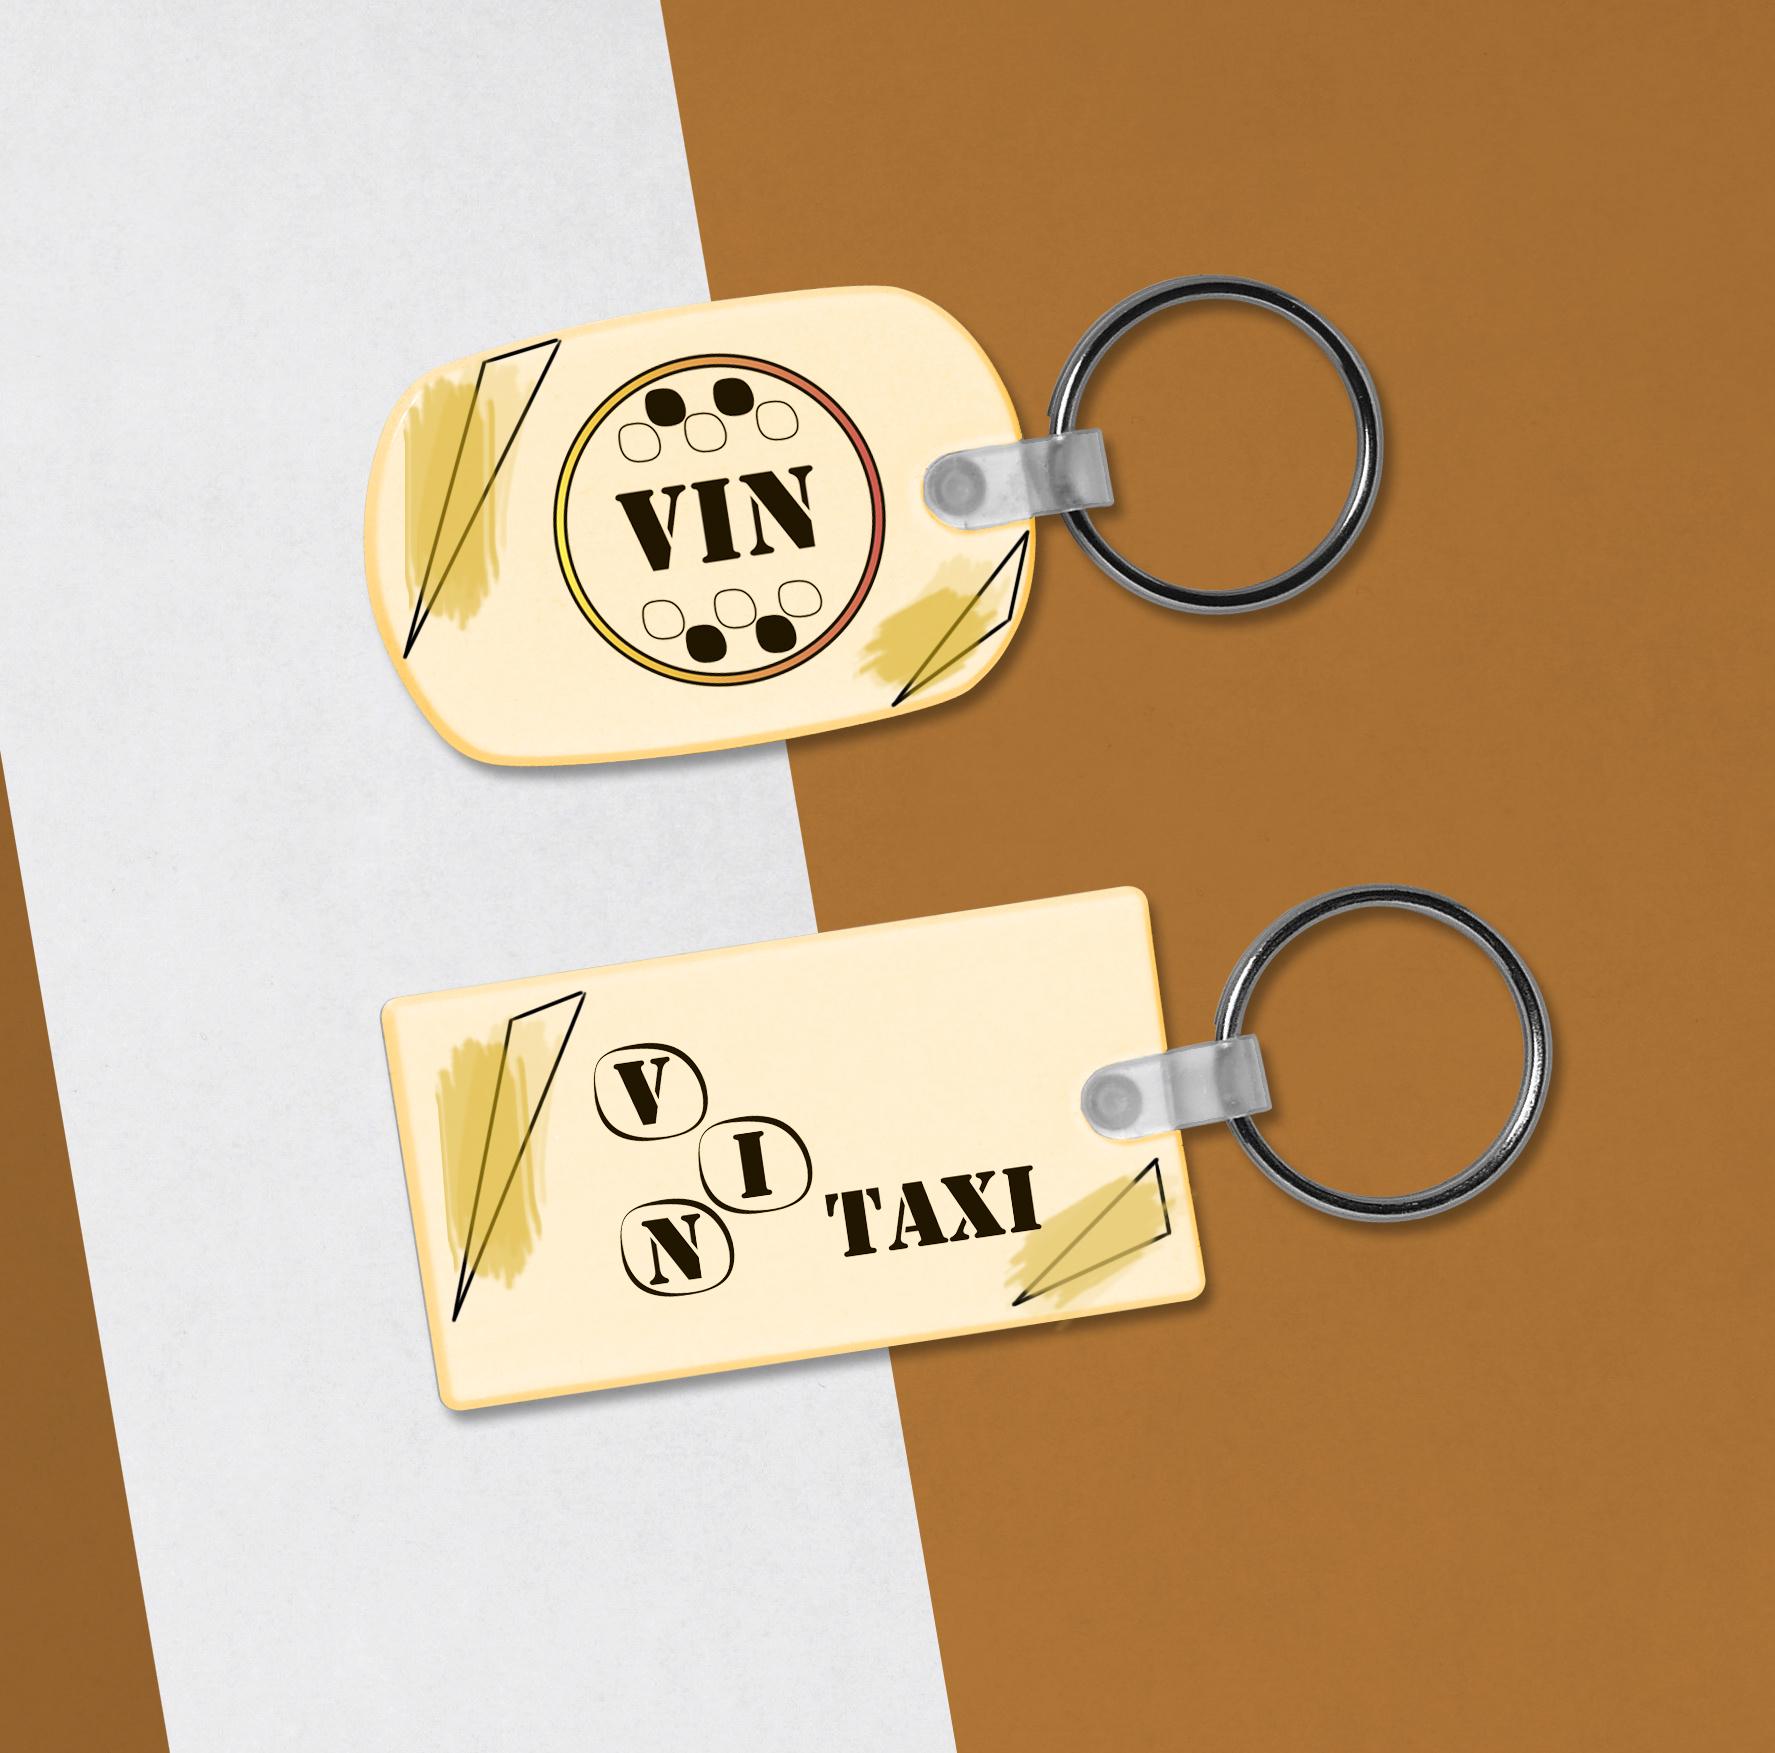 Разработка логотипа и фирменного стиля для такси фото f_9985b9eb9165f191.jpg